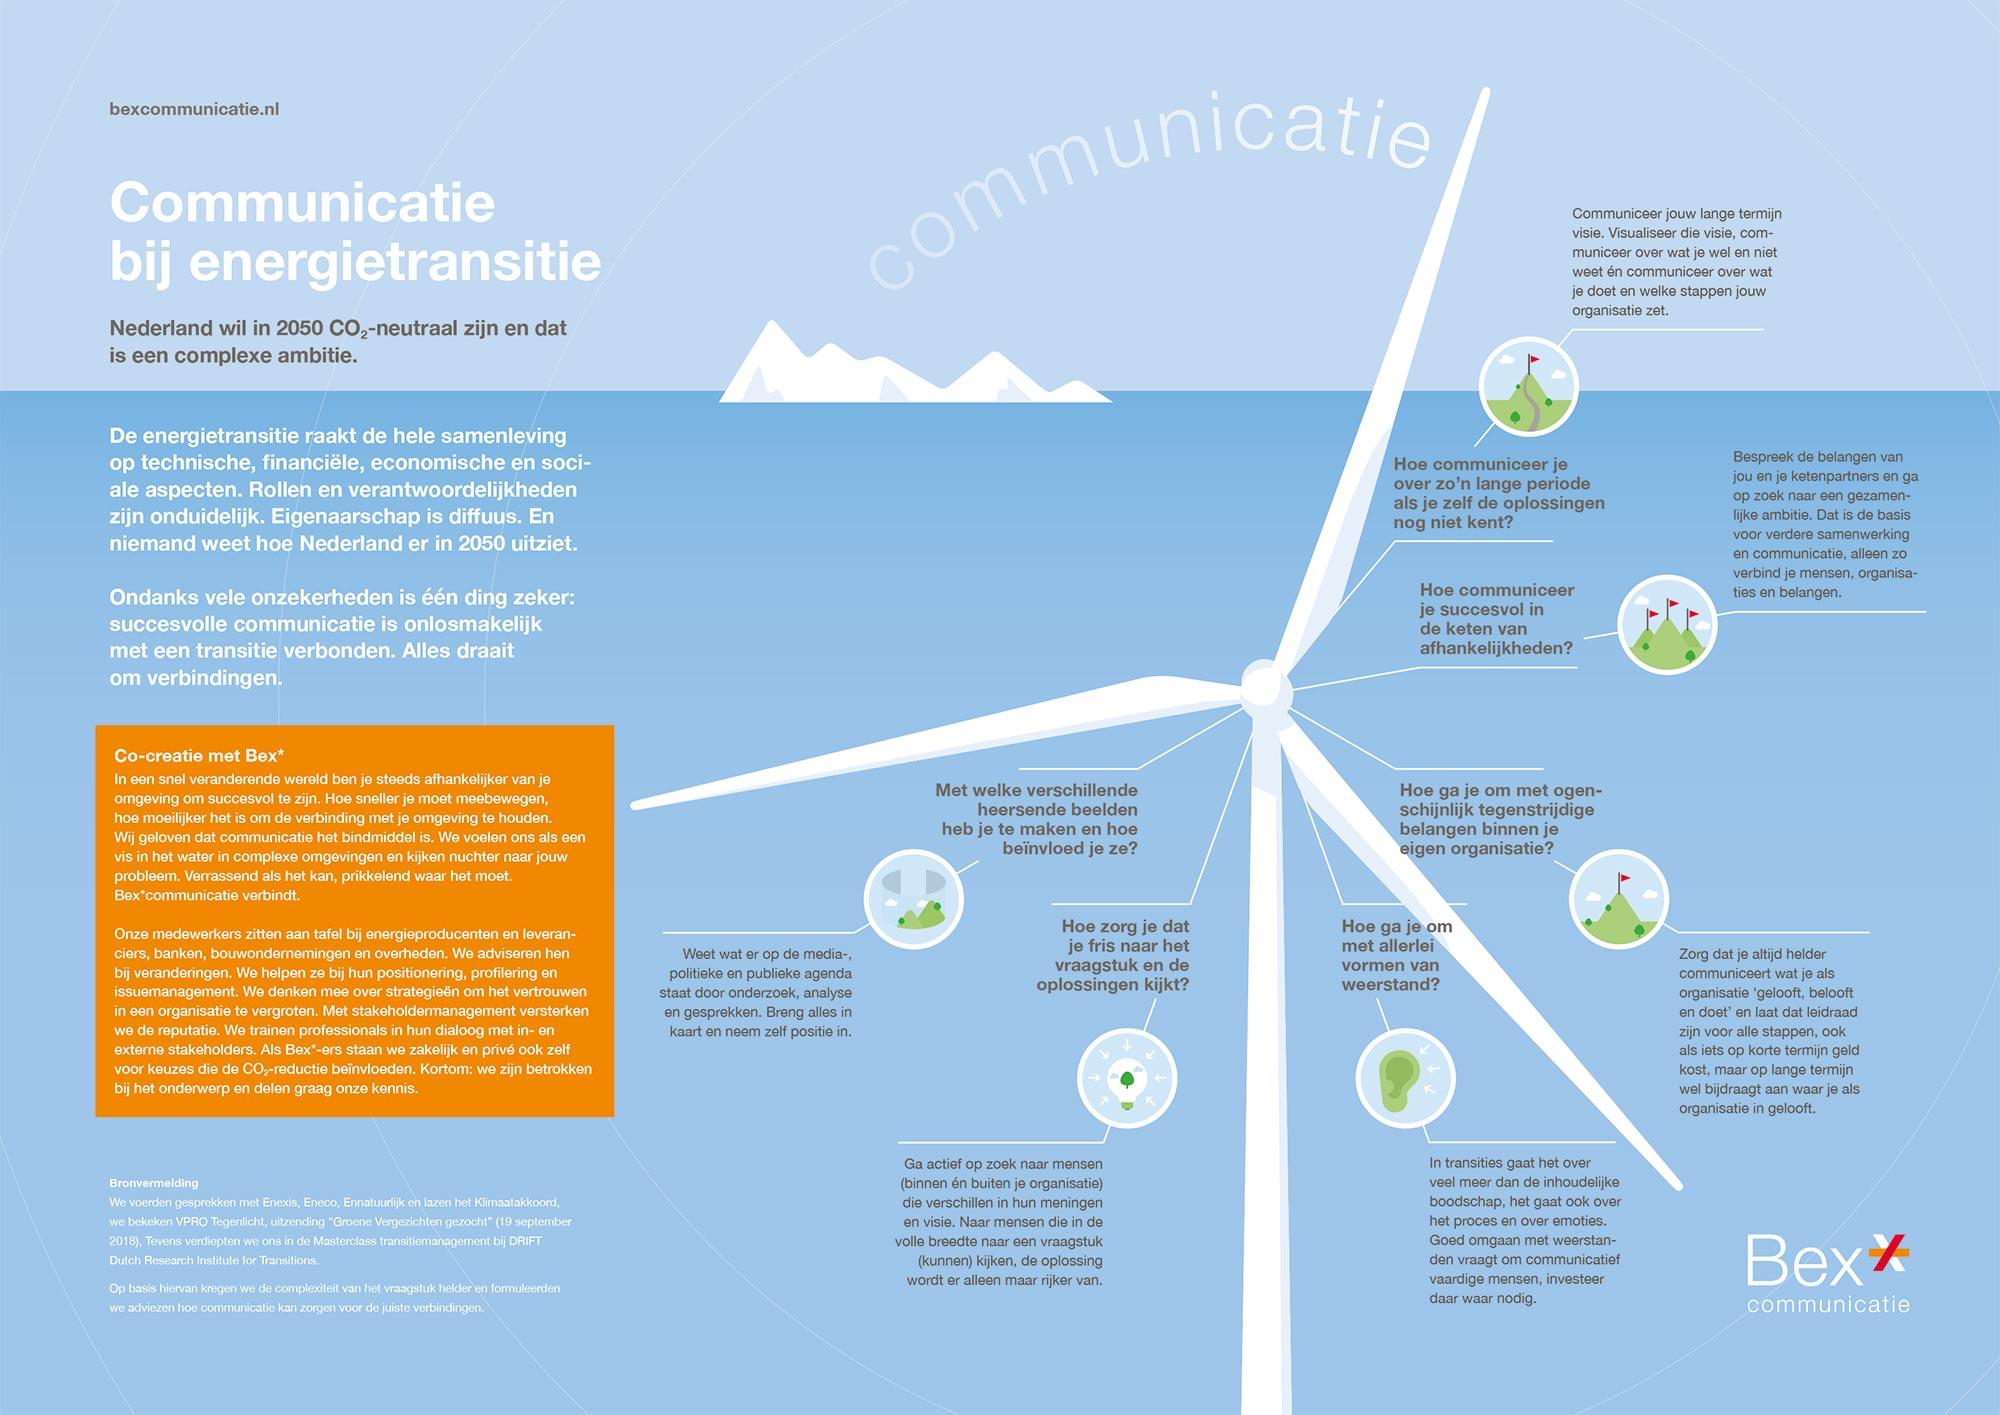 Communicatie bij energietransitie BEX infographic JAgd ontwerp